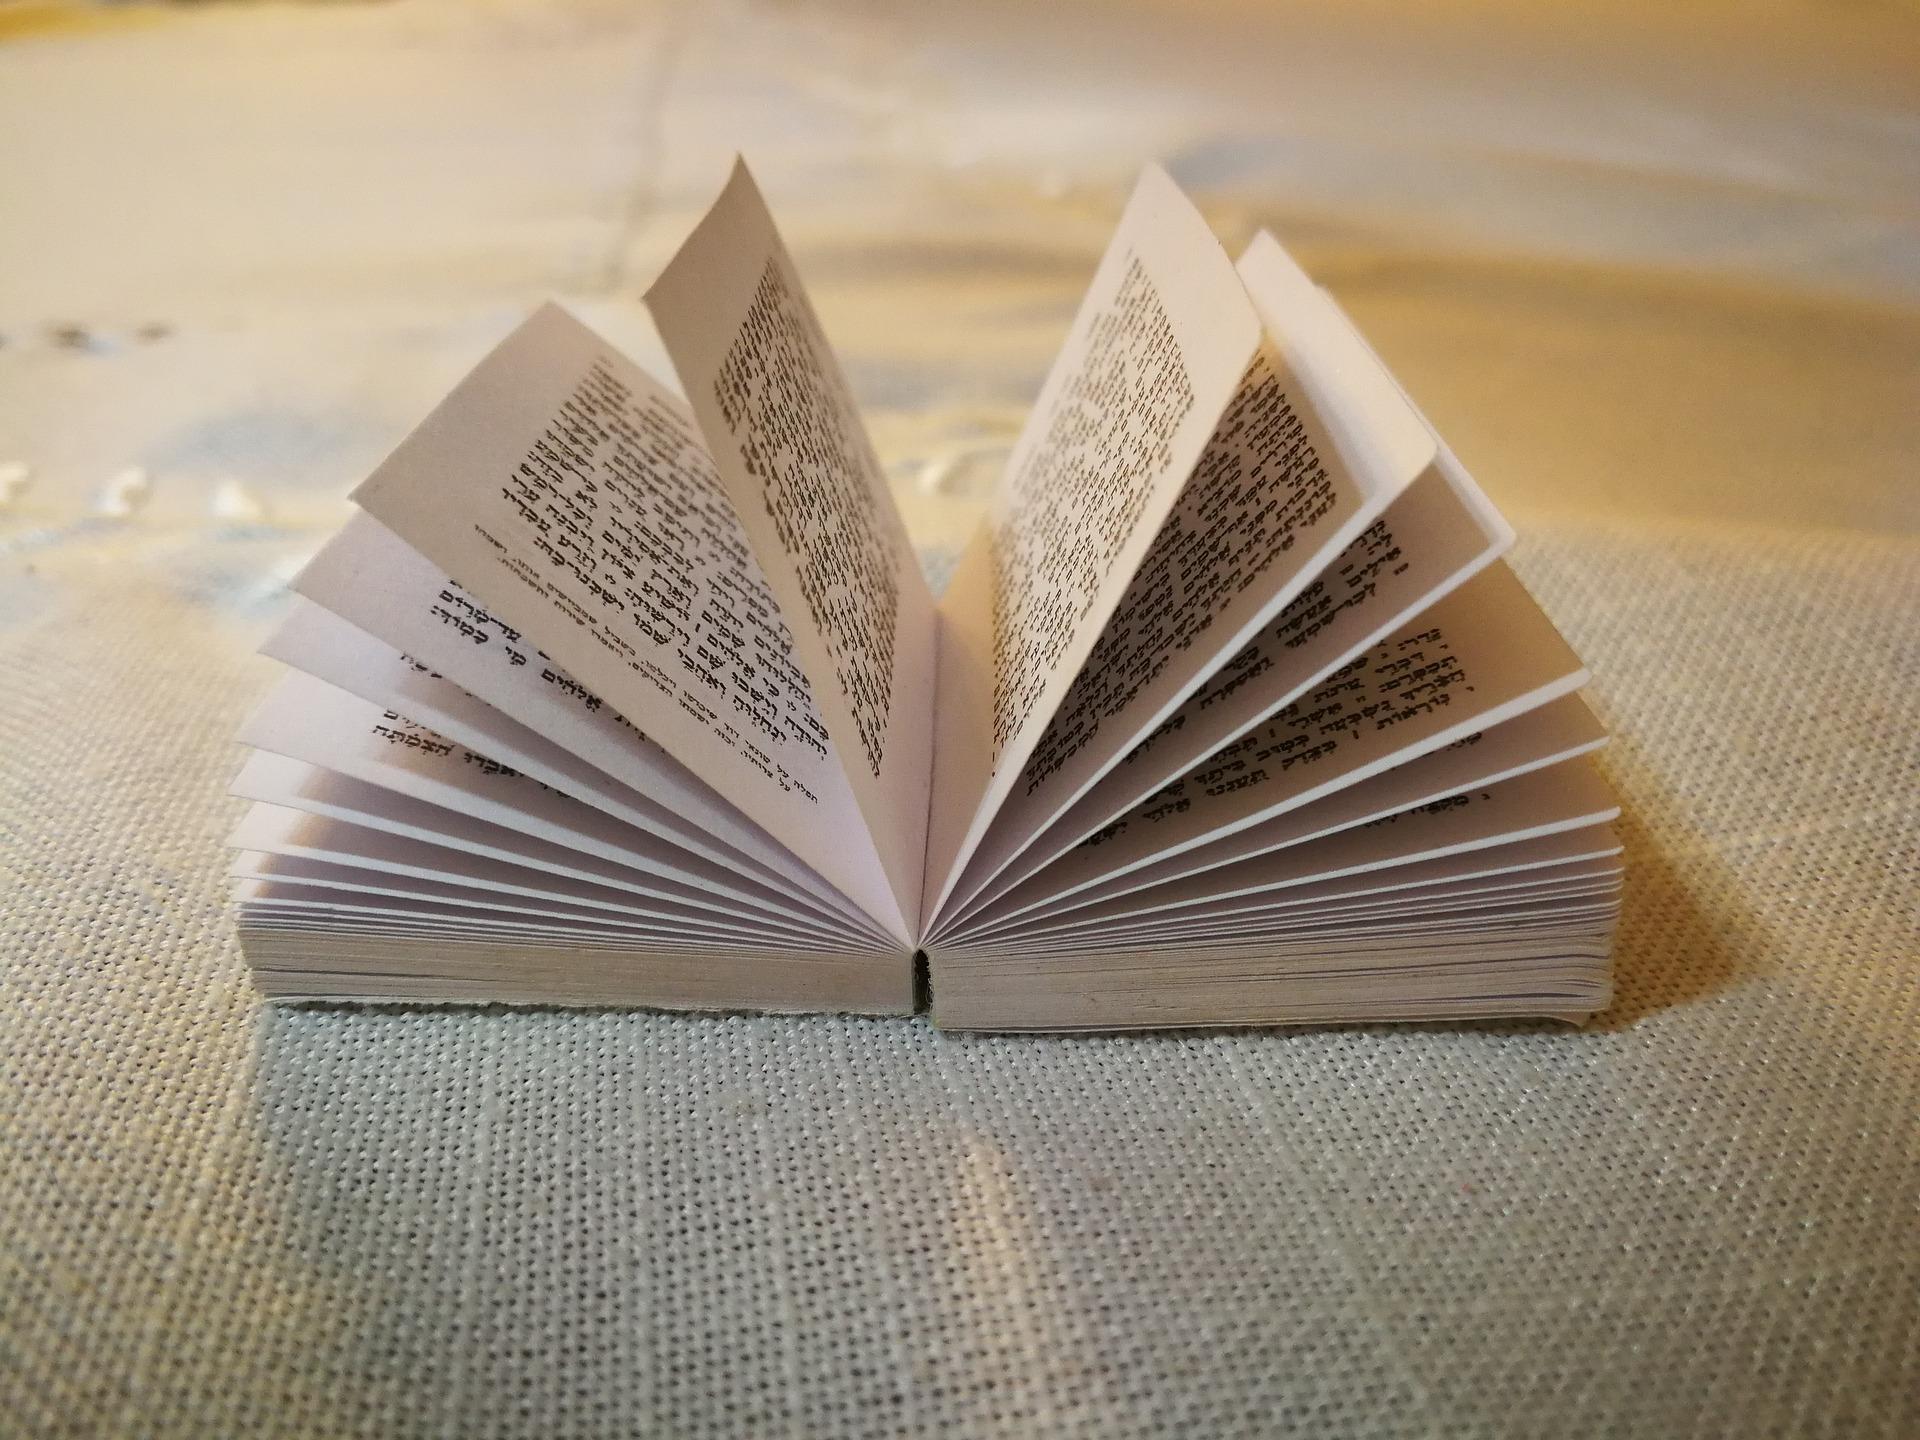 book-2878724_1920